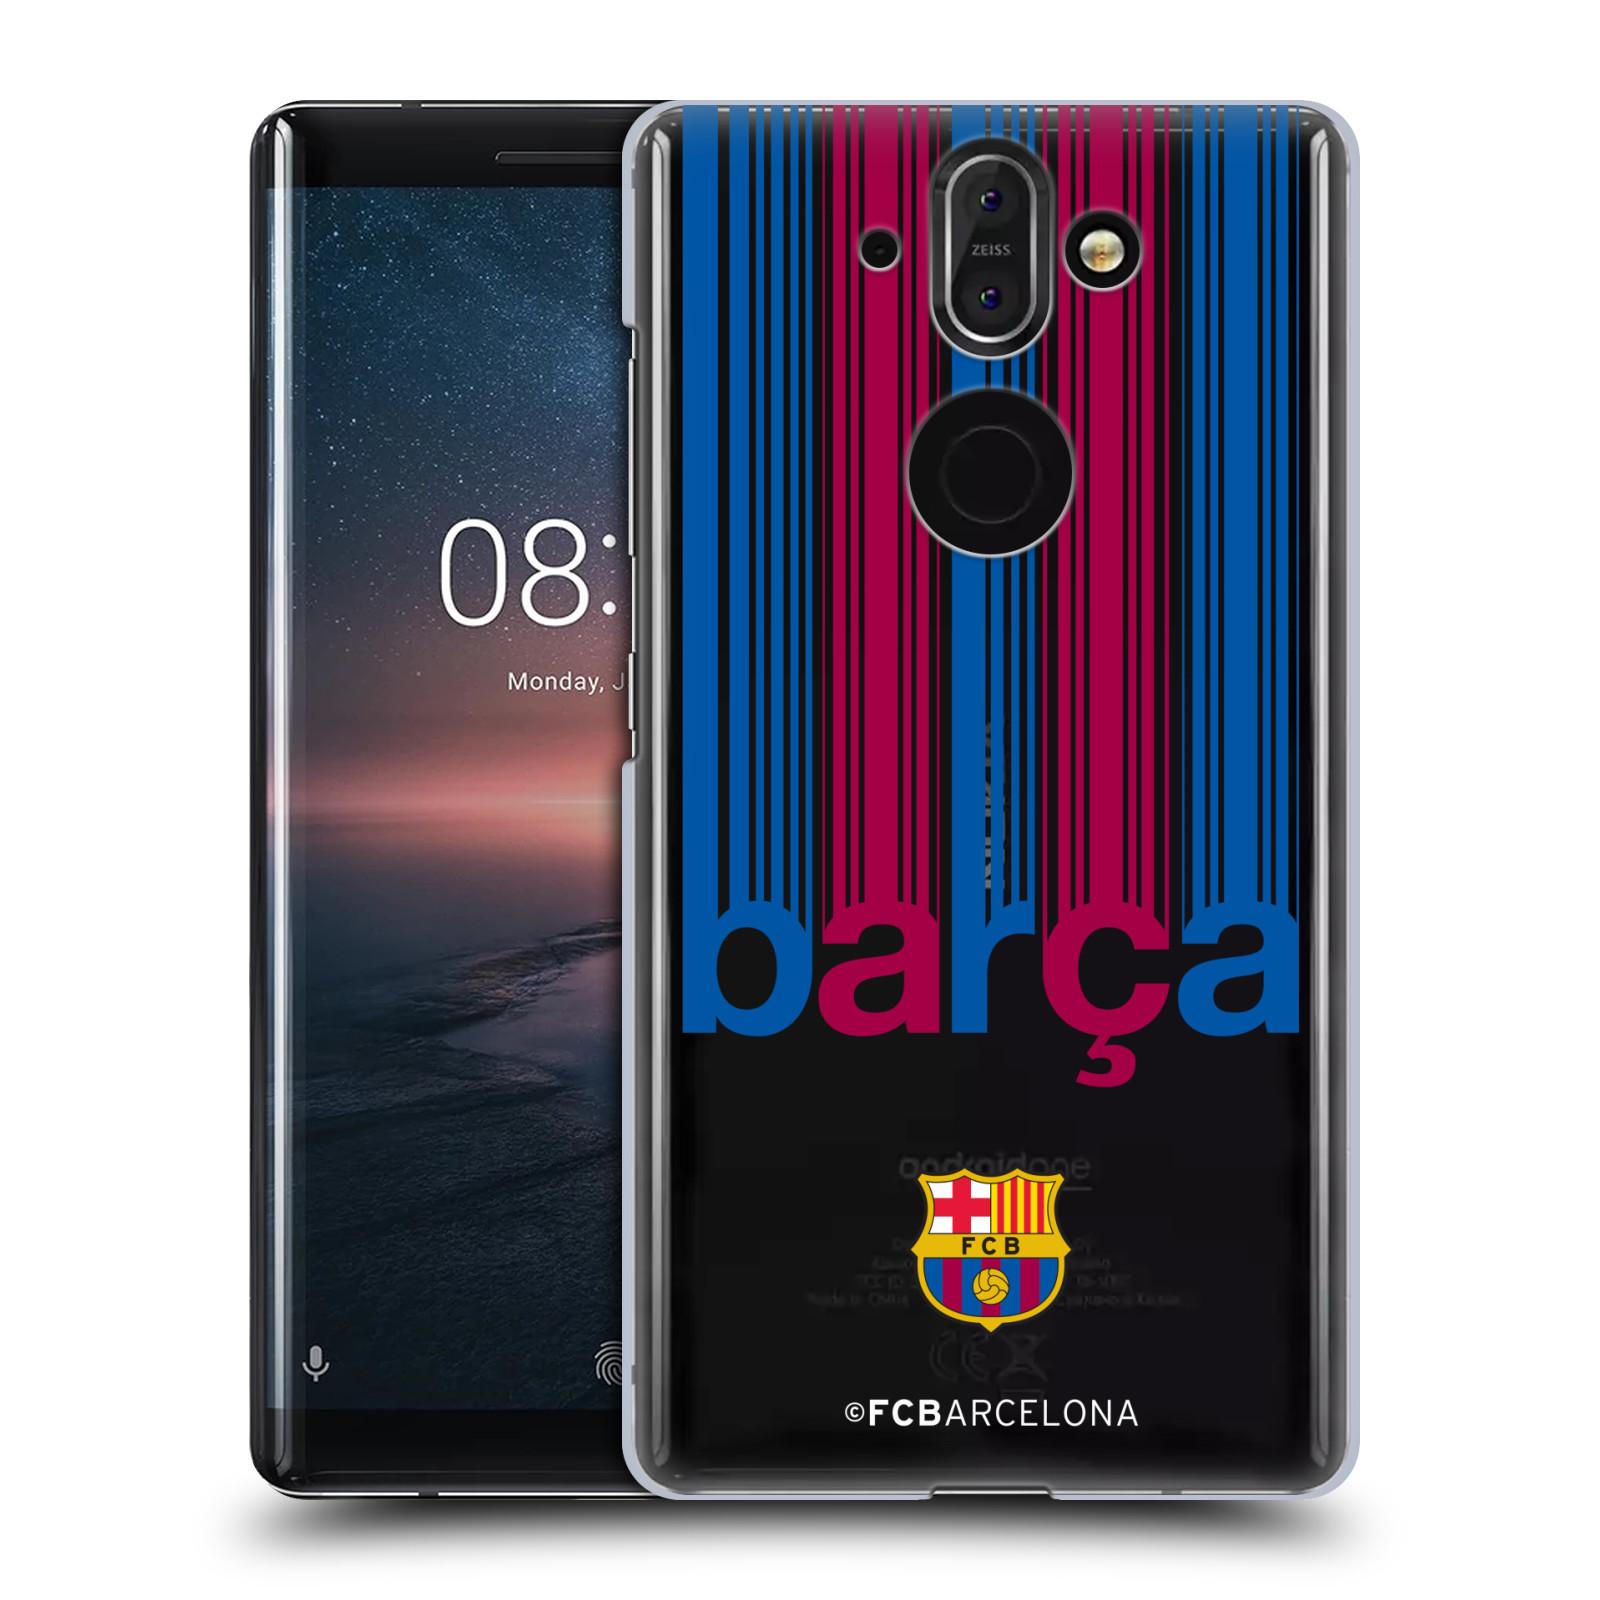 Plastové pouzdro na mobil Nokia 8 Sirocco - Head Case - FC Barcelona - Barca - čiré